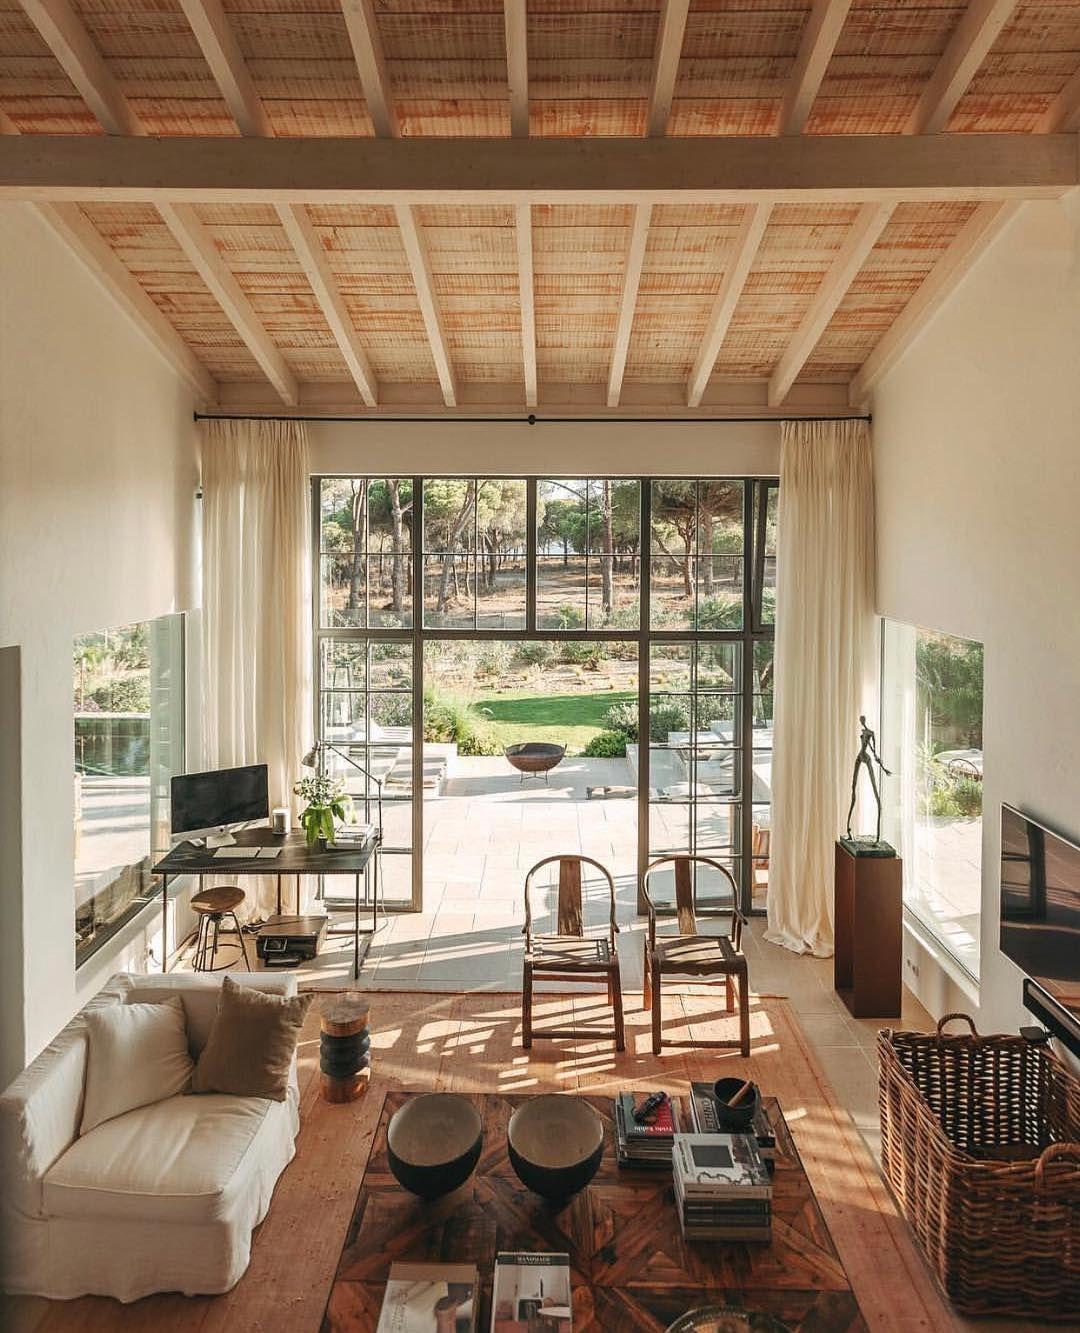 Idée décoration maison salon moderne tendance tons naturels